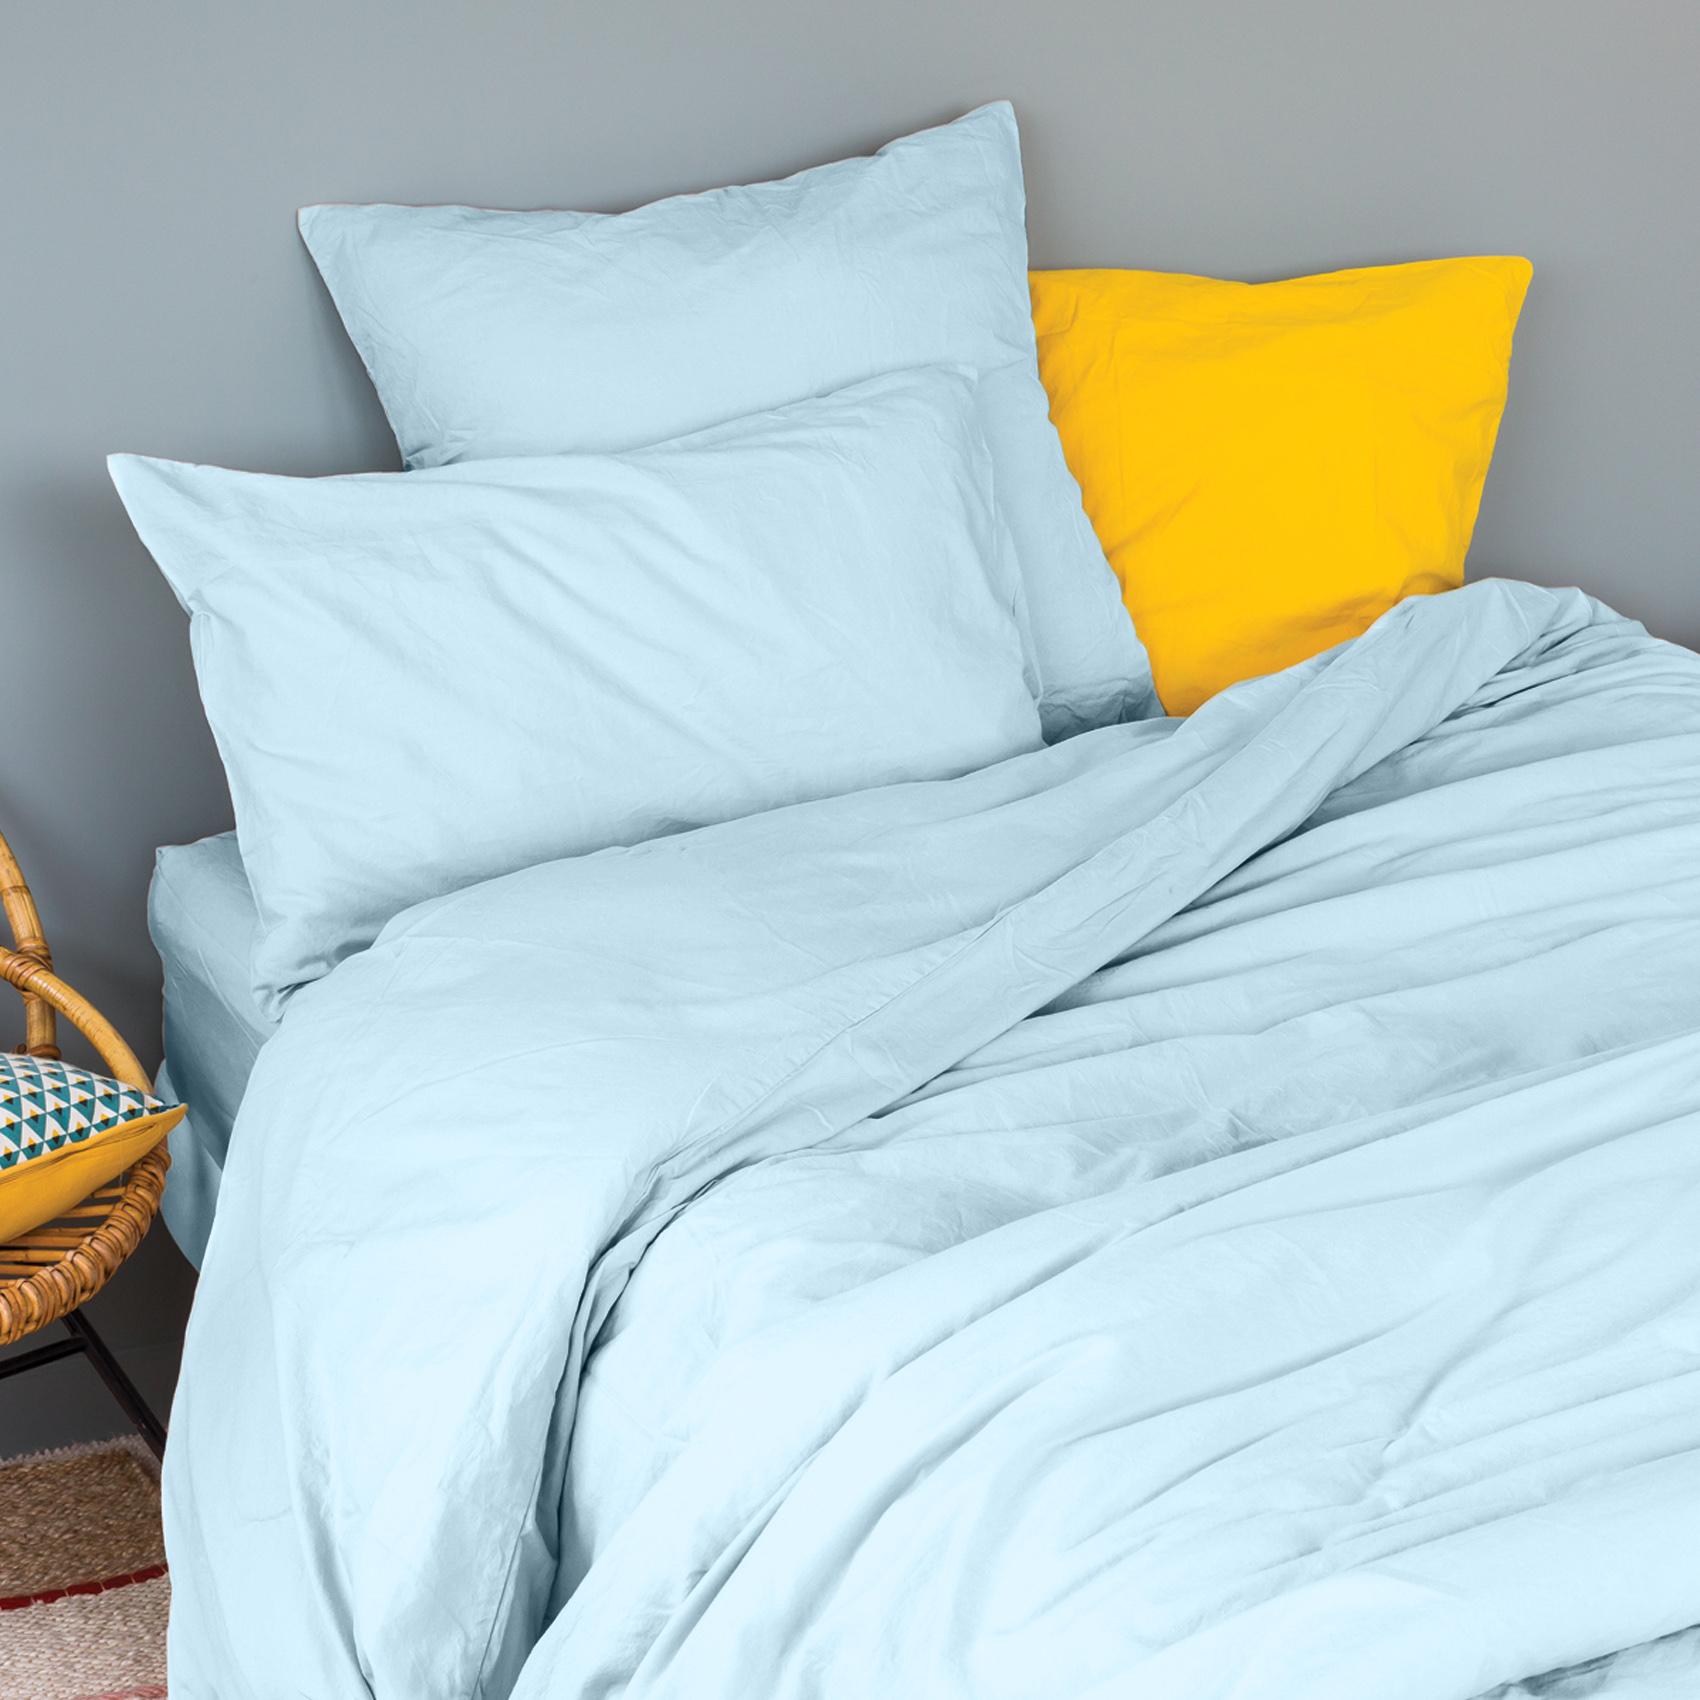 Taie d'oreiller en coton lavé coton turquoise 65x65